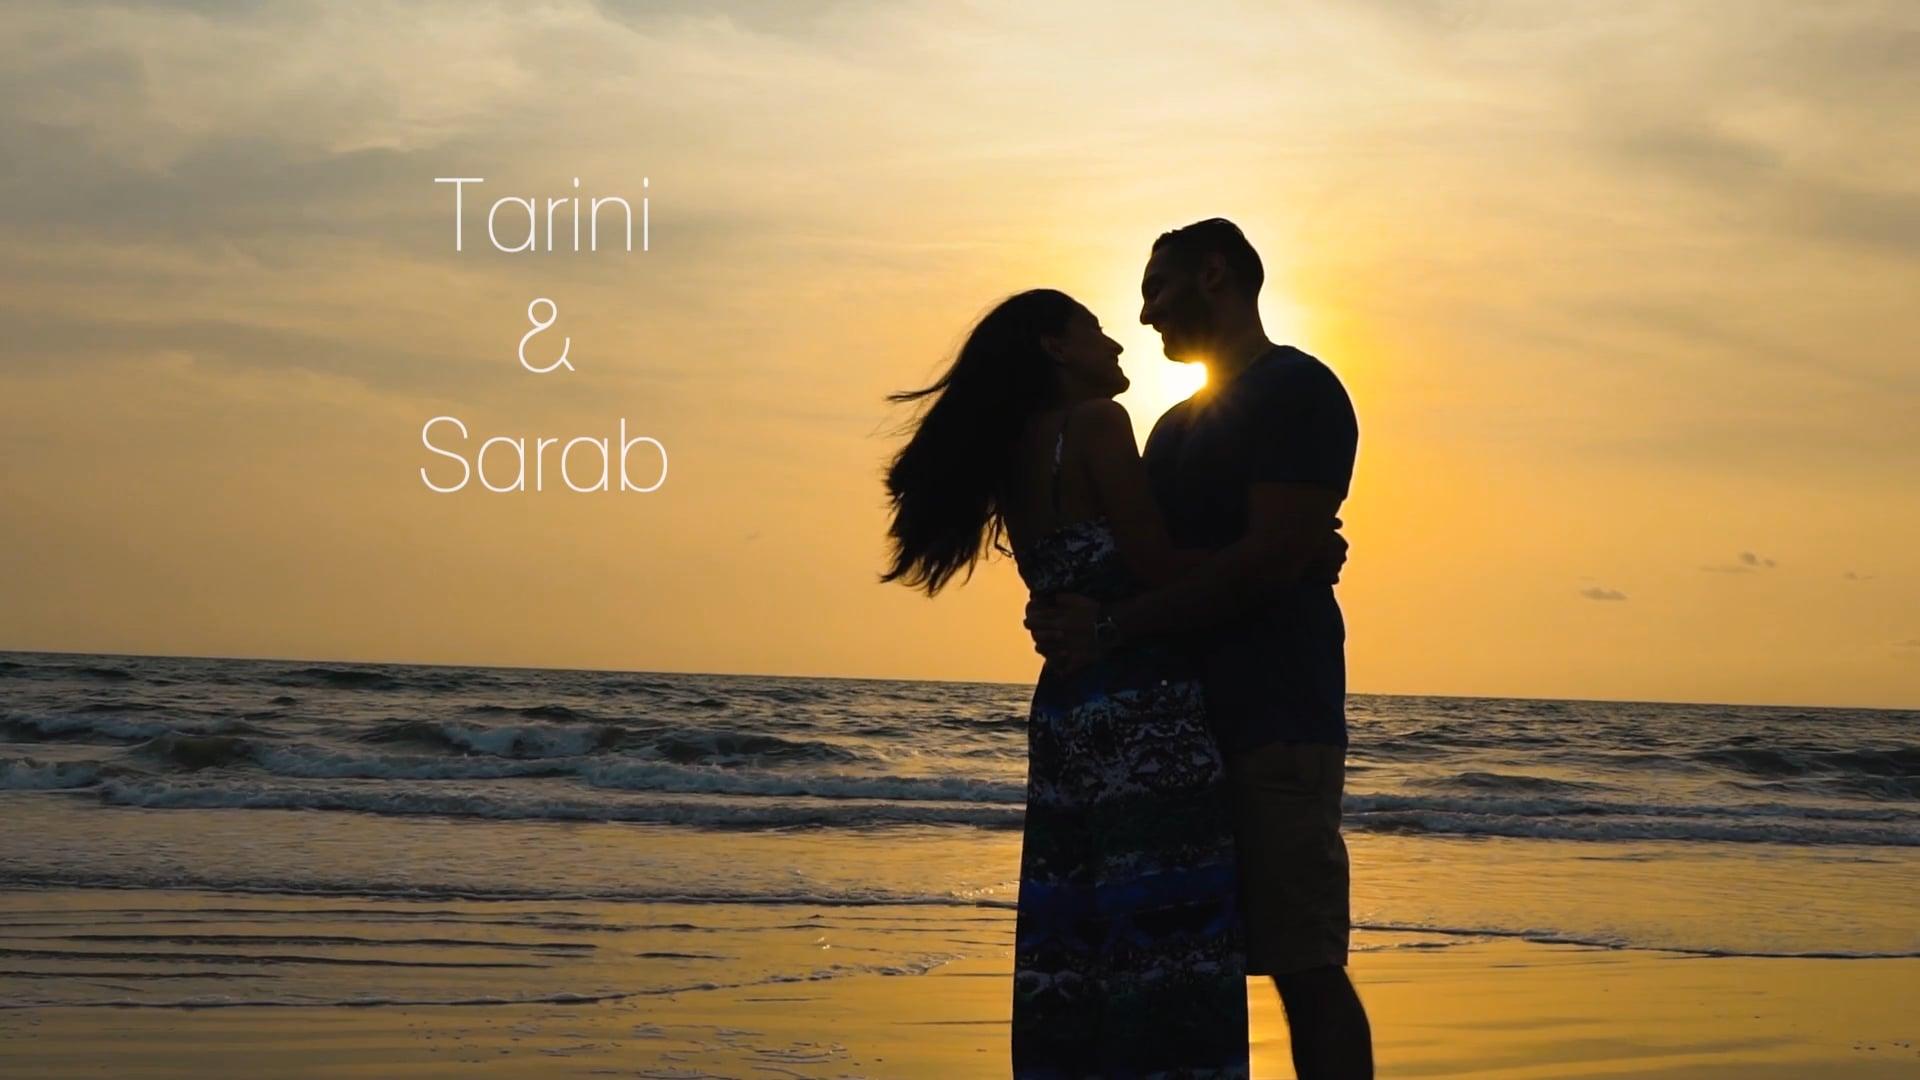 Tarini & Sarab Teaser ITL 2018